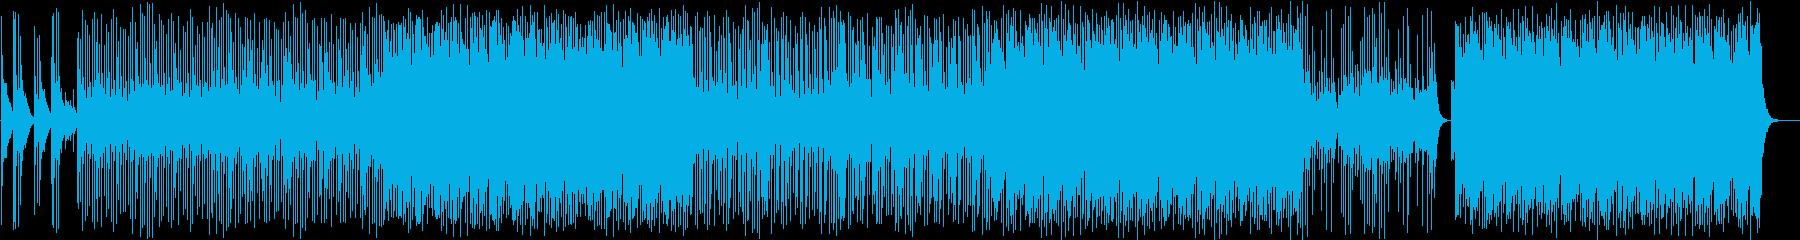 和風/和楽器/掛け声(は!/よ~)/A6の再生済みの波形